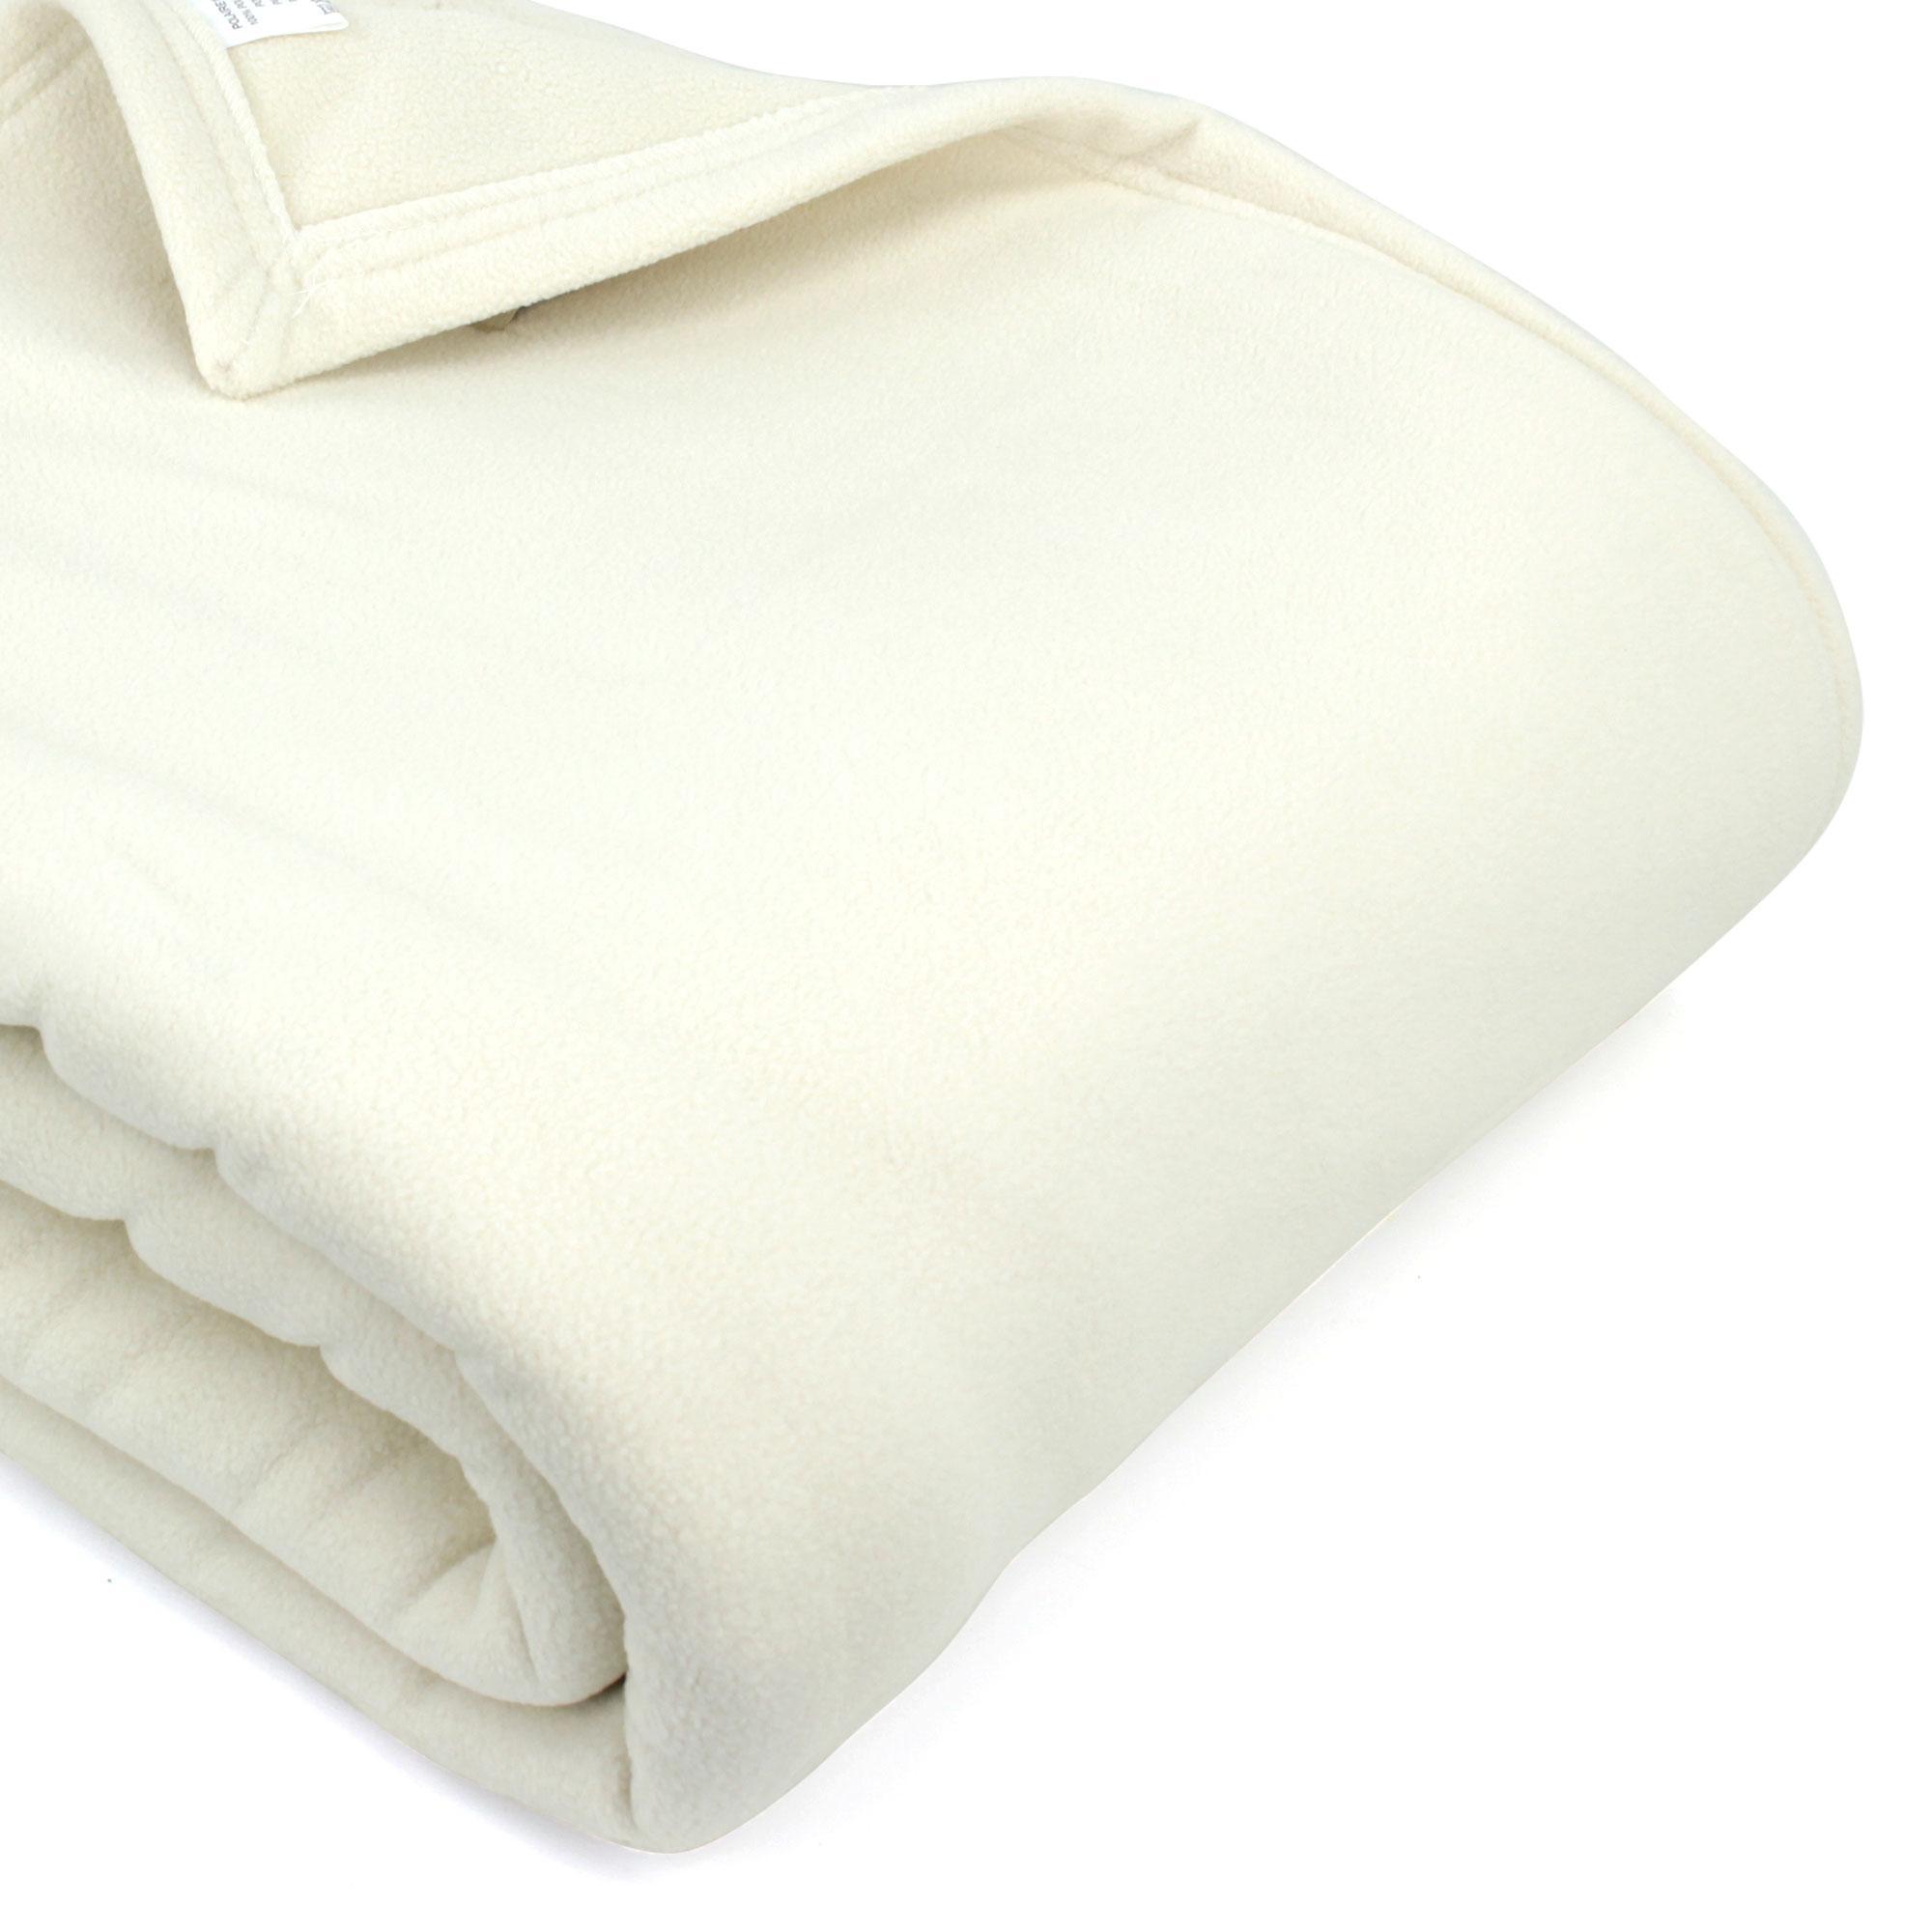 couverture polaire 240x260 cm narvik naturel linnea linge de maison et. Black Bedroom Furniture Sets. Home Design Ideas